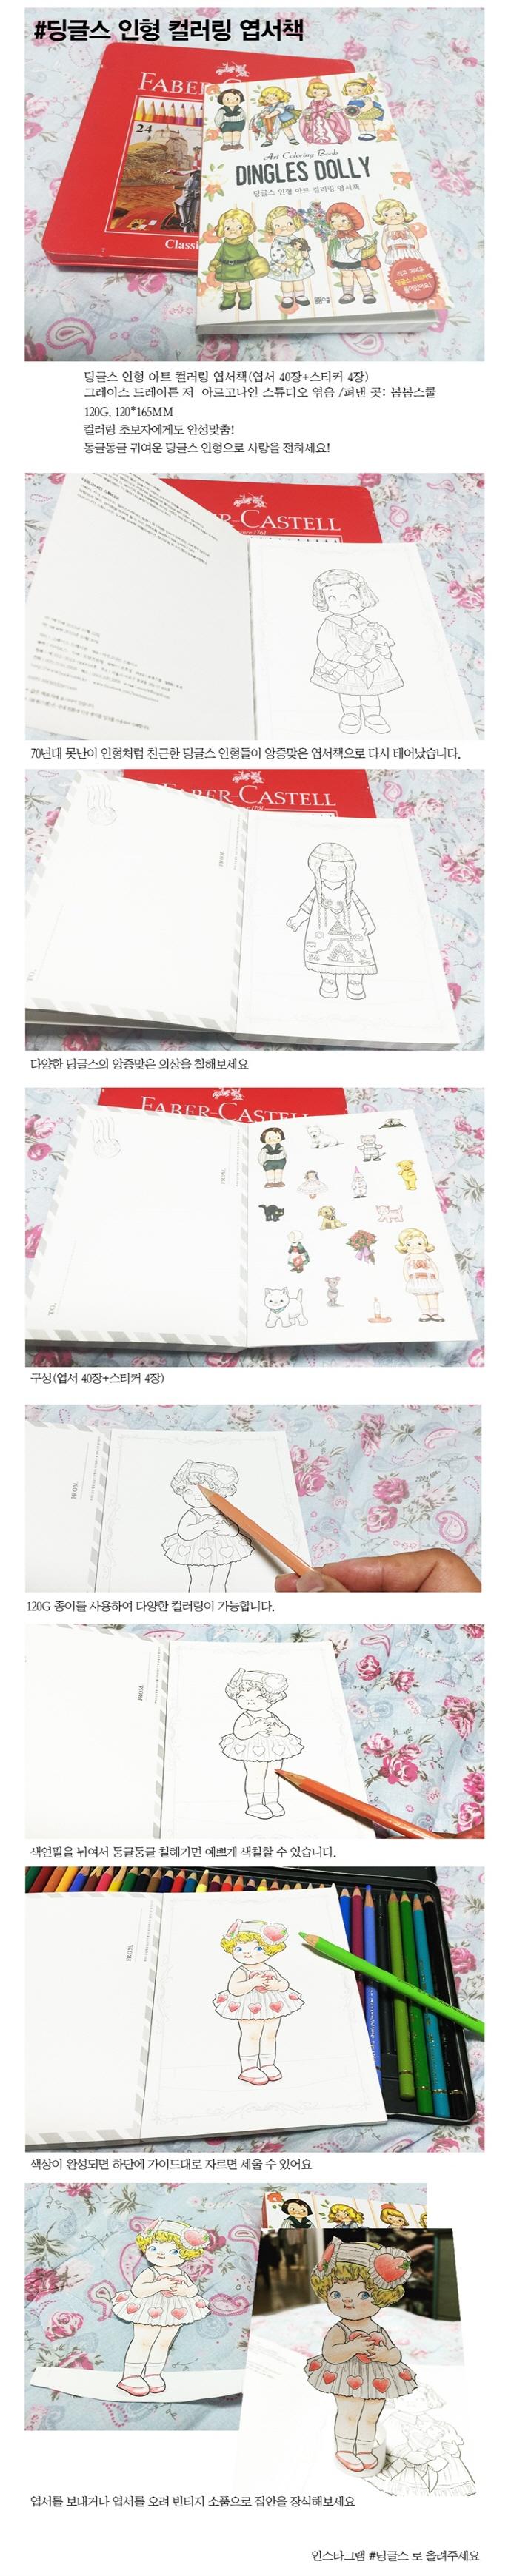 딩글스 인형 아트 컬러링 엽서책. 3 도서 상세이미지